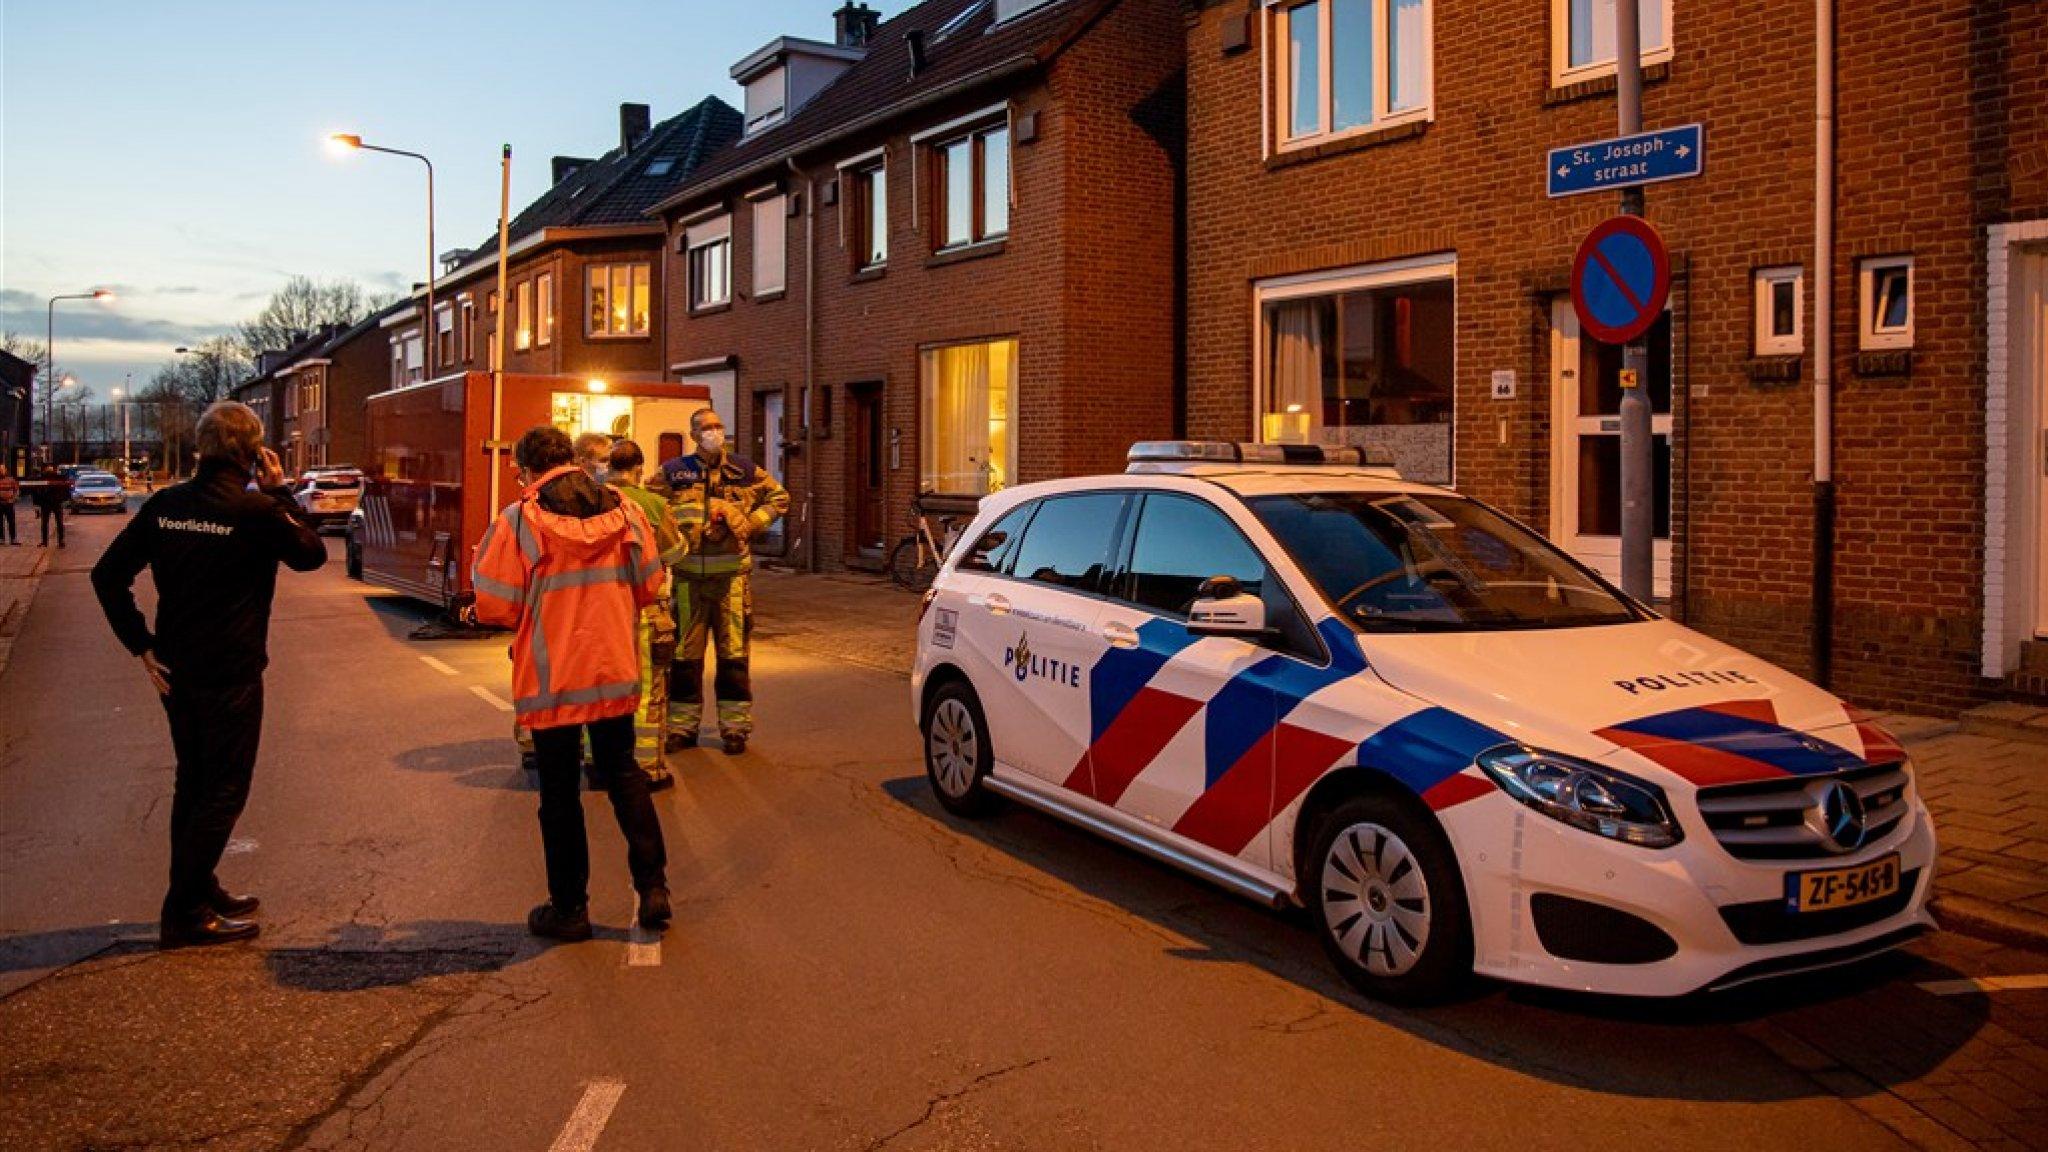 Onderzoeksraad gaat kijken bij vliegtuig dat onderdelen verloor - RTL Nieuws